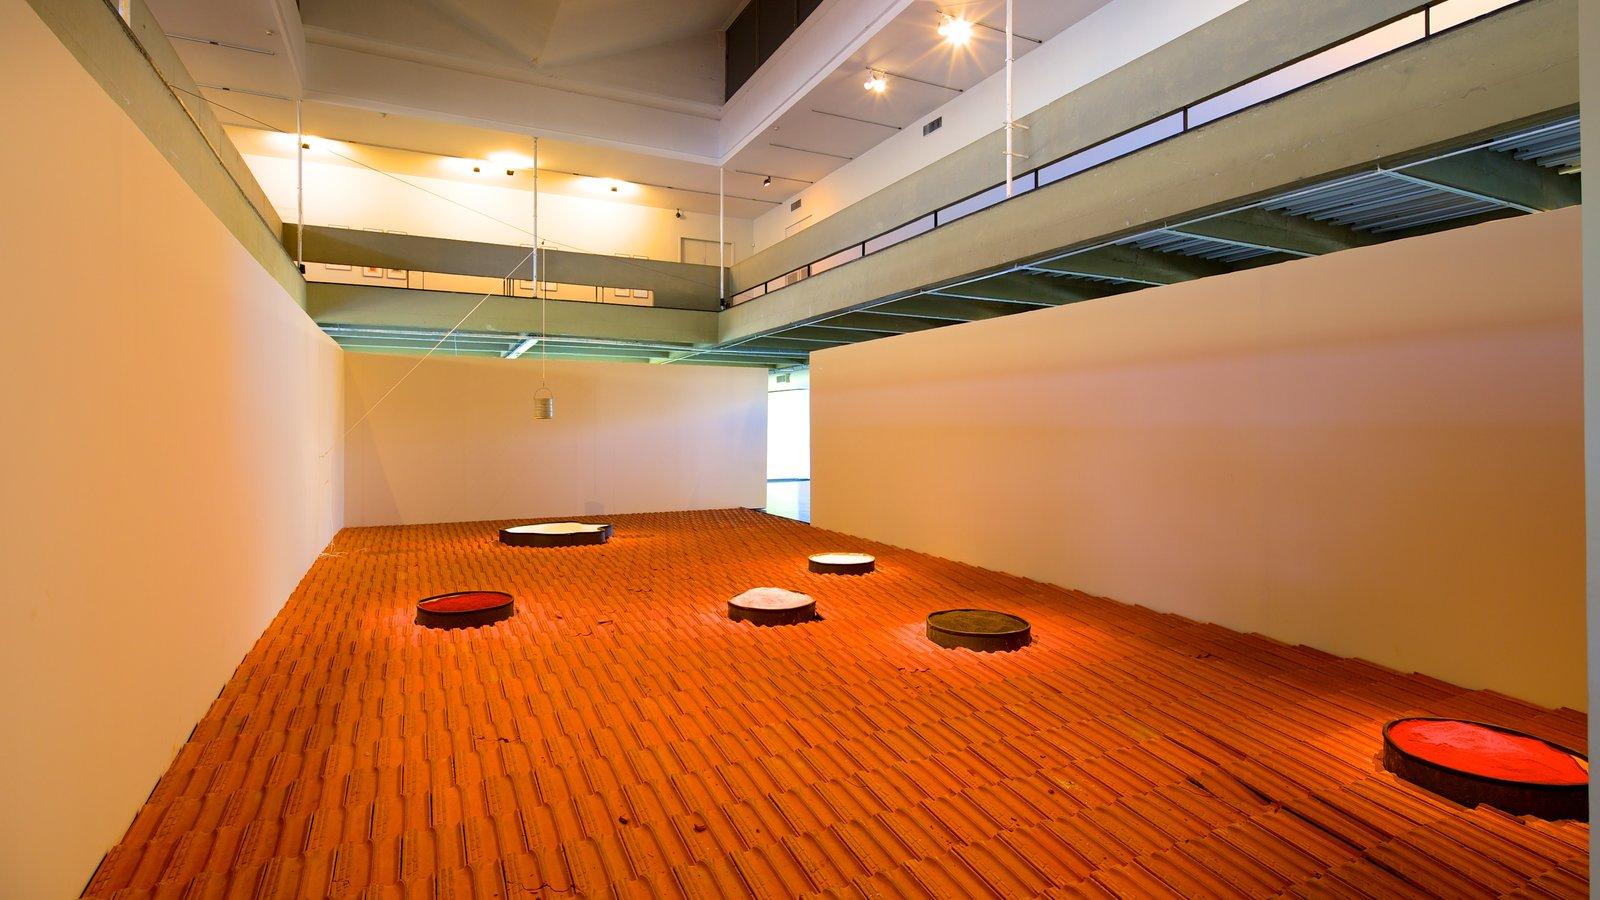 Museu de Arte Moderna mostrando arte e vistas internas